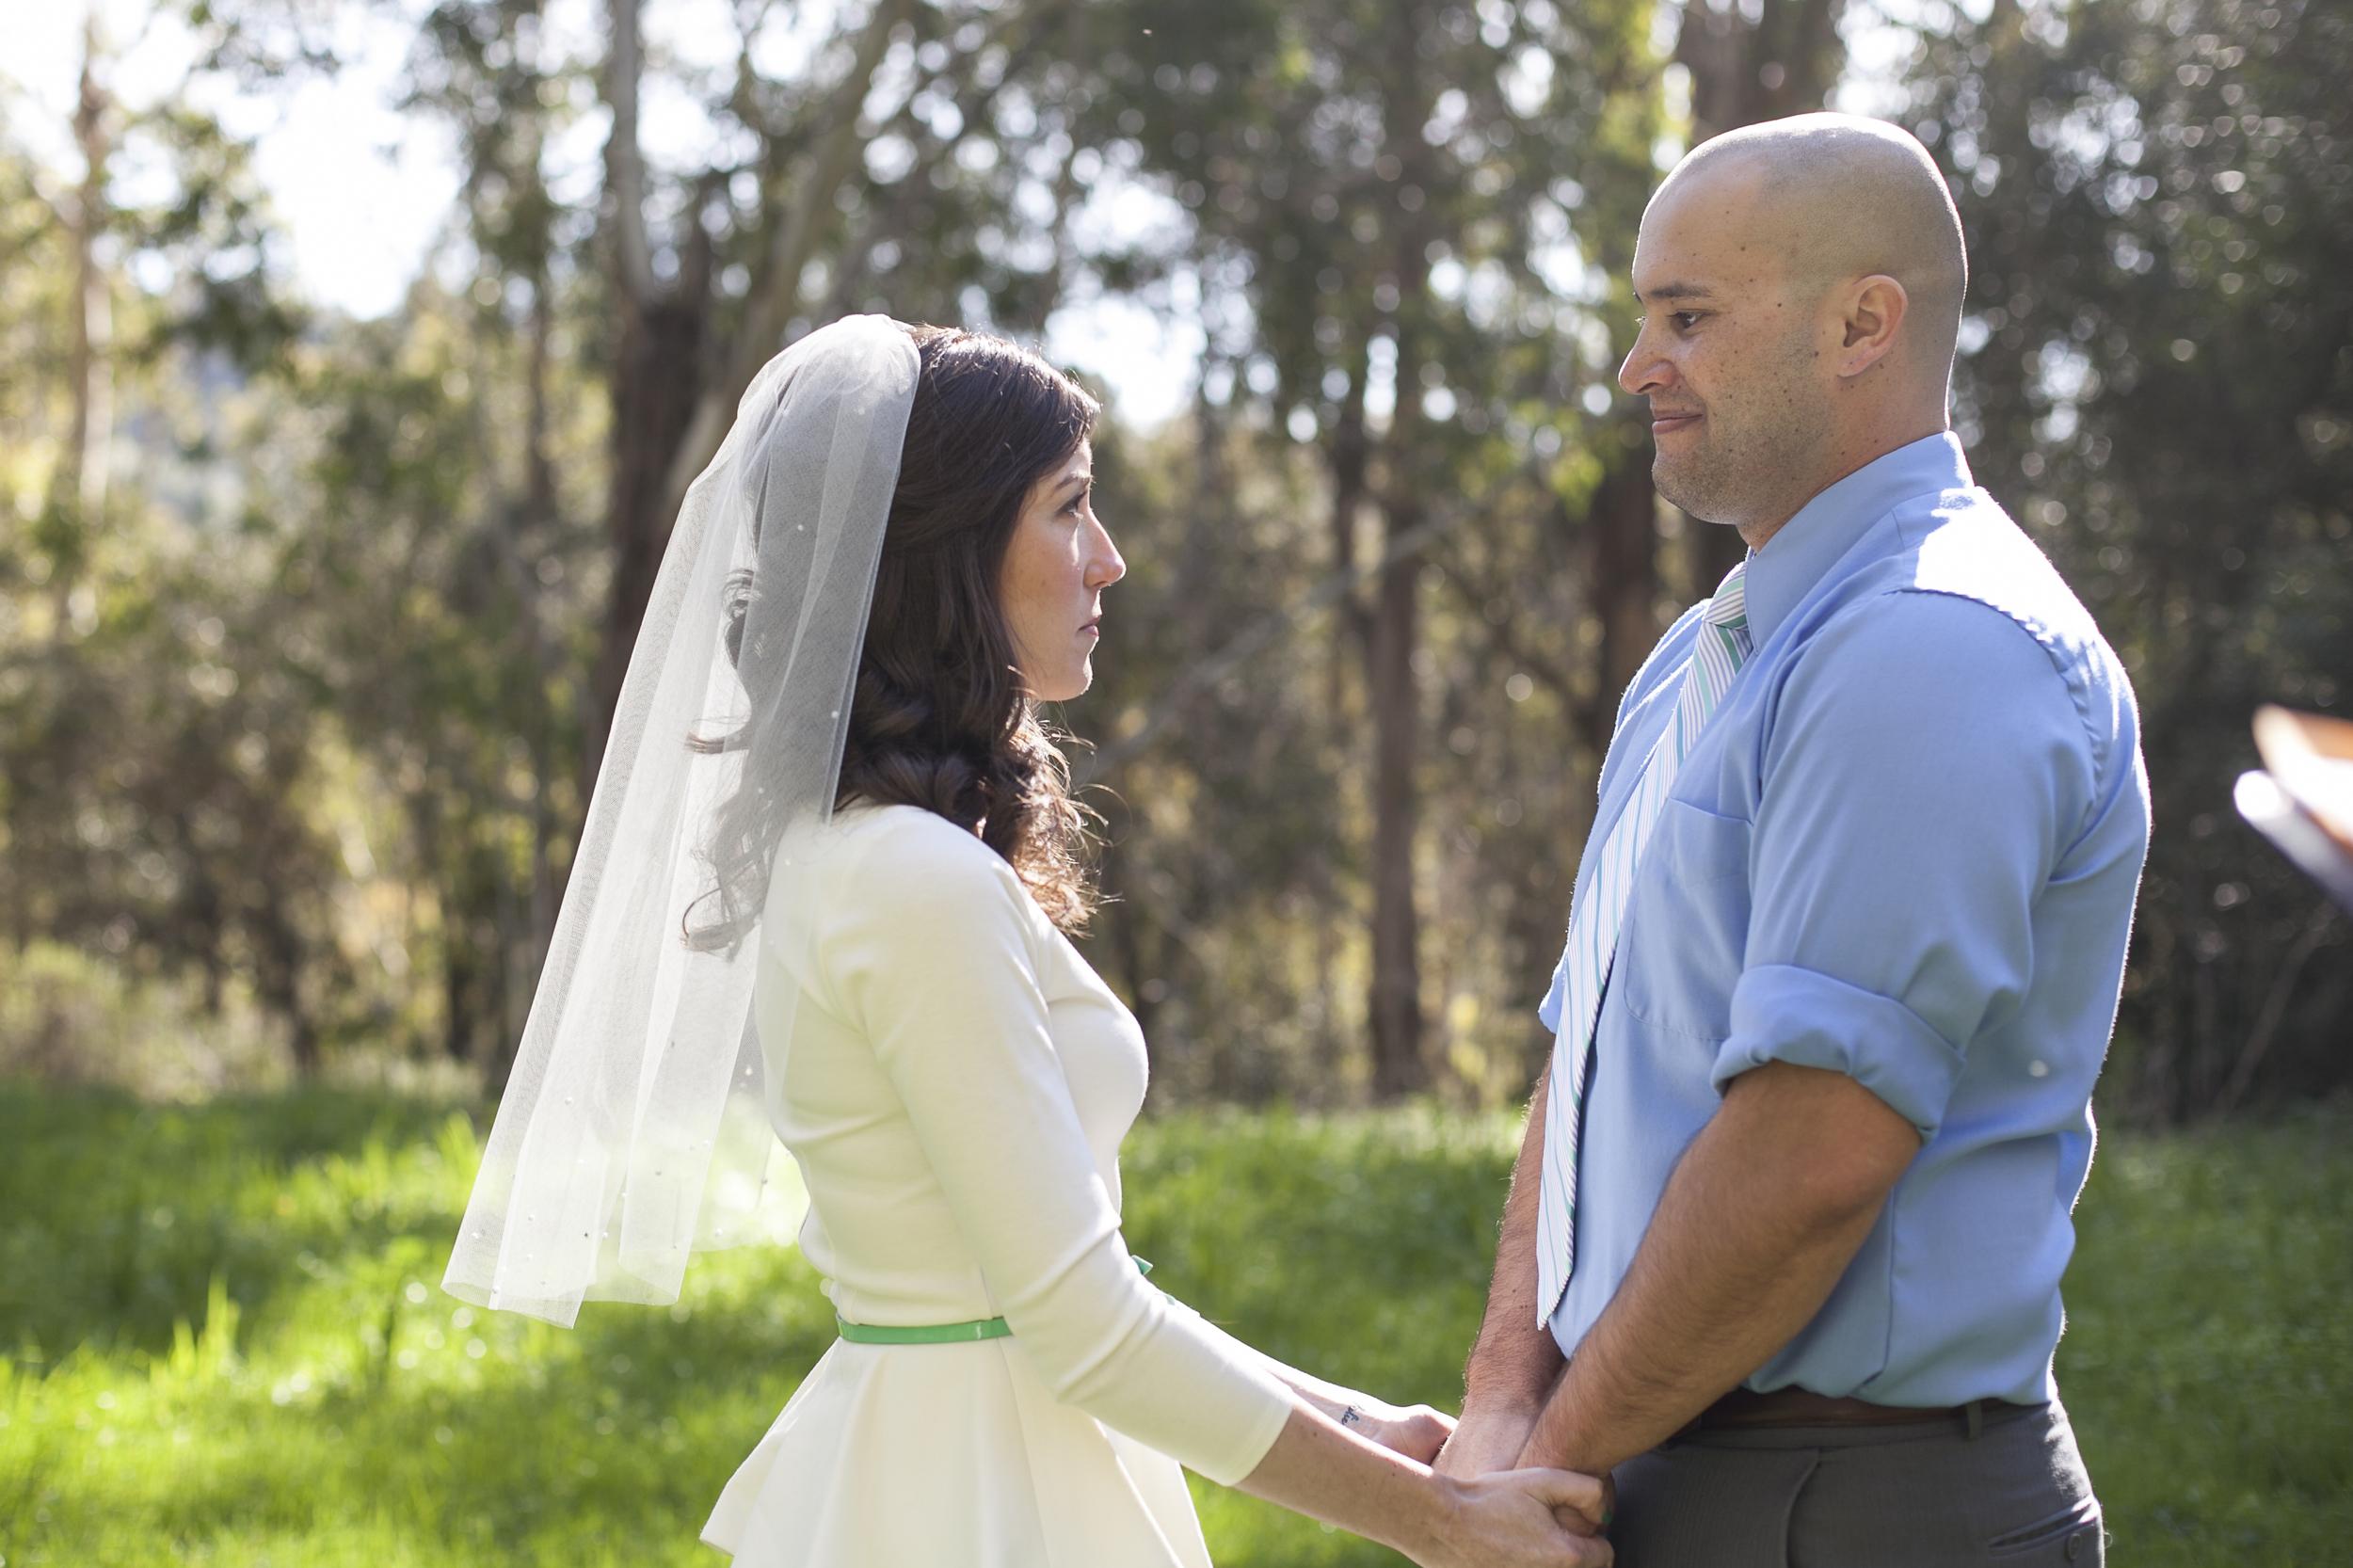 Tilden Park Berkeley Wedding Photographer-Meo Baaklini013.jpg